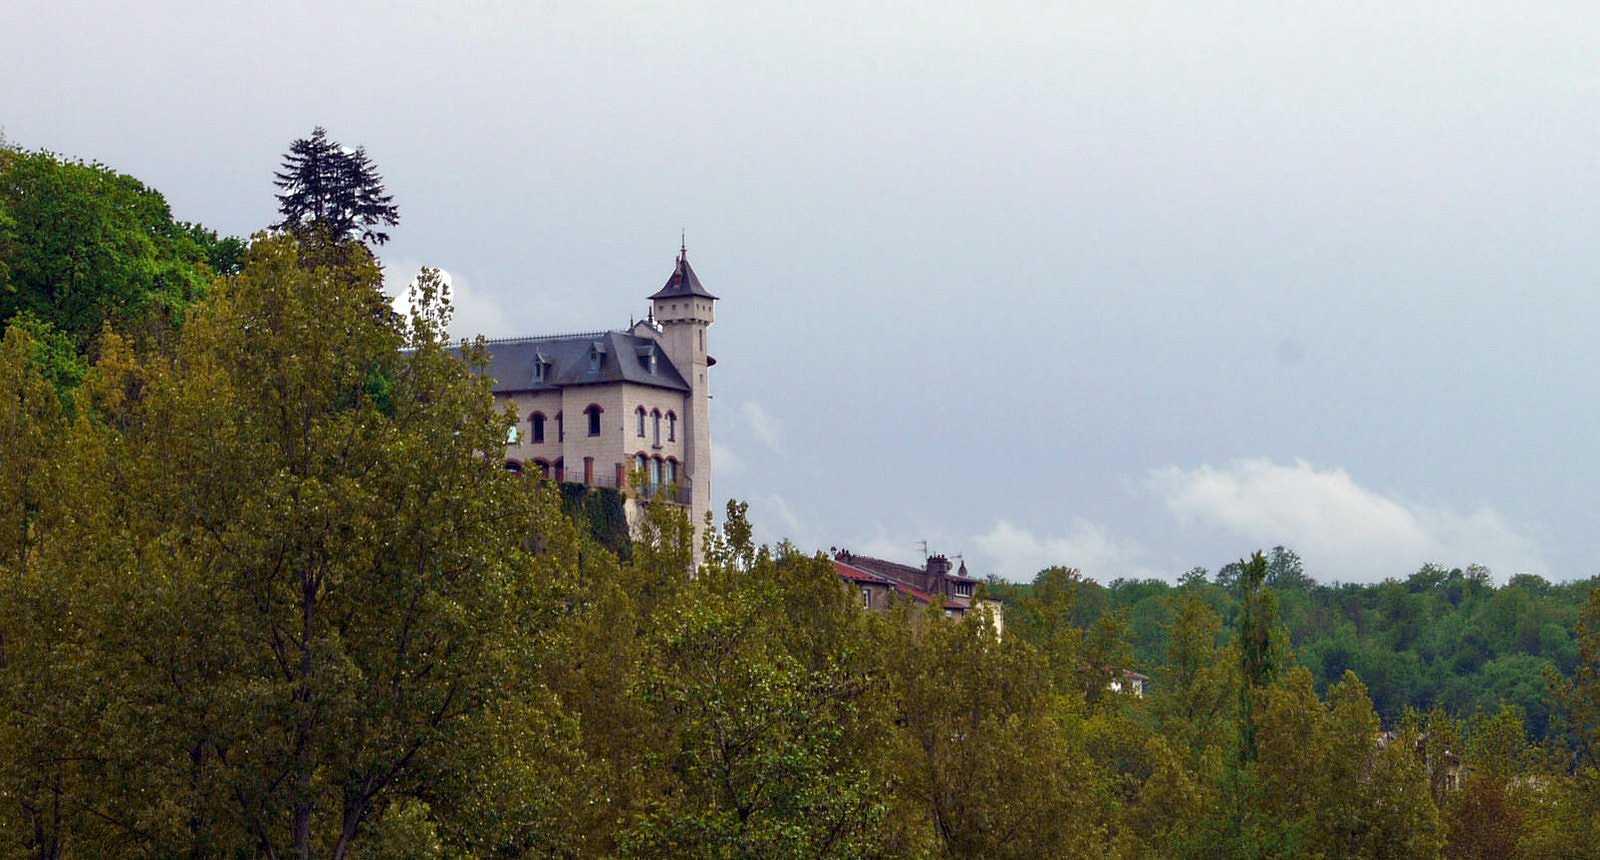 Les bords de la Moselle à Liverdun